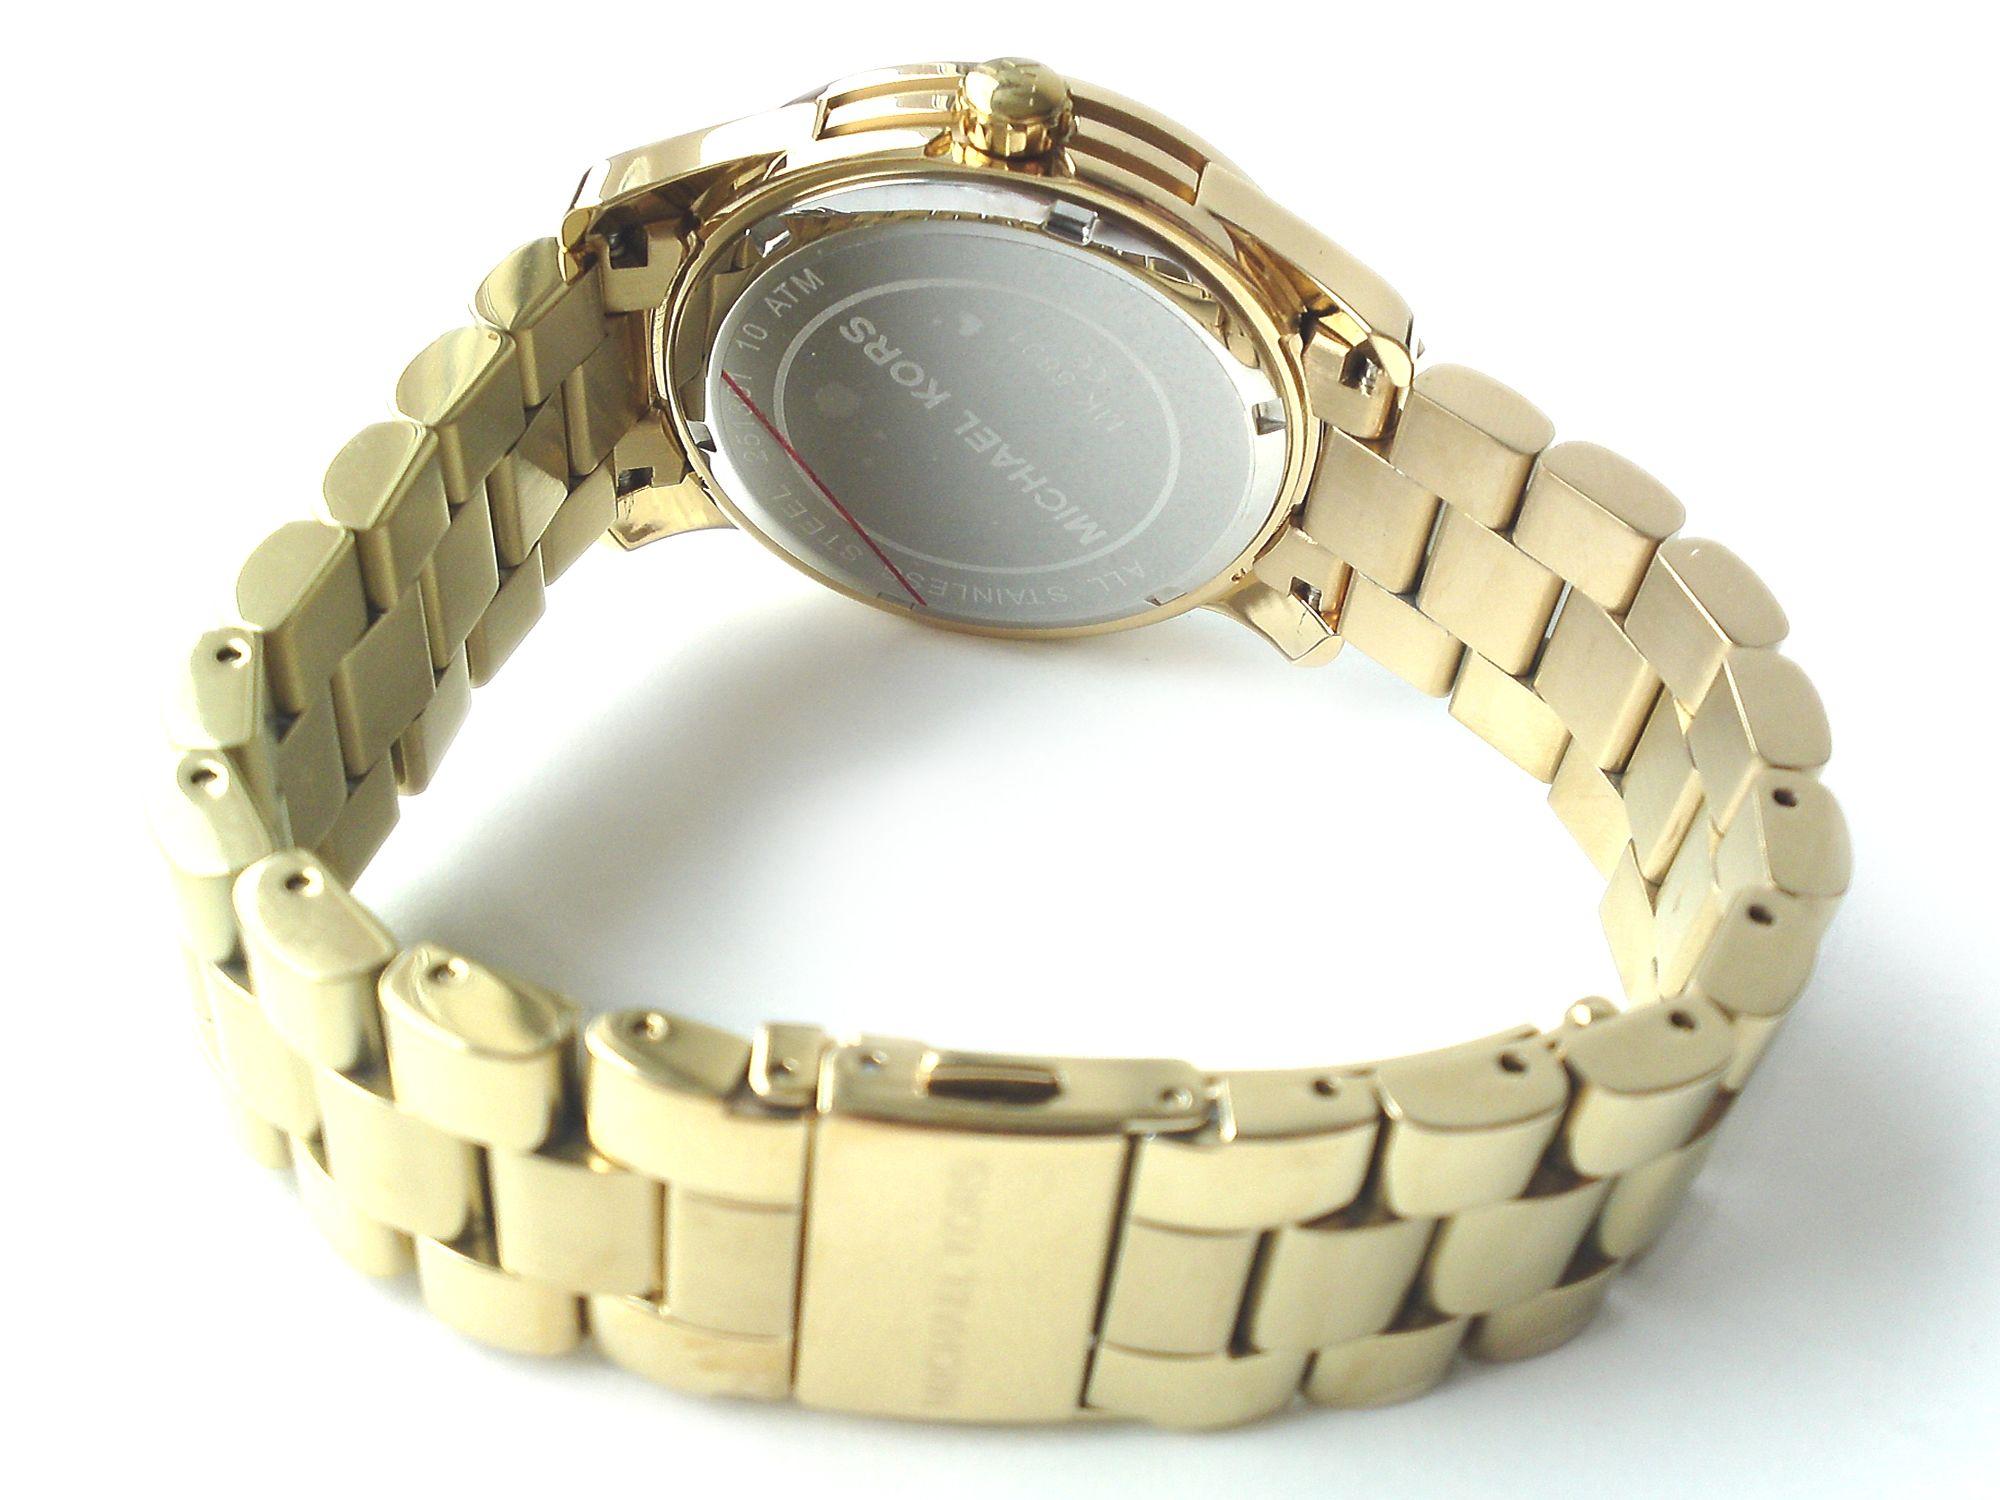 michael kors damen armband uhr edelstahl vergoldet runway. Black Bedroom Furniture Sets. Home Design Ideas